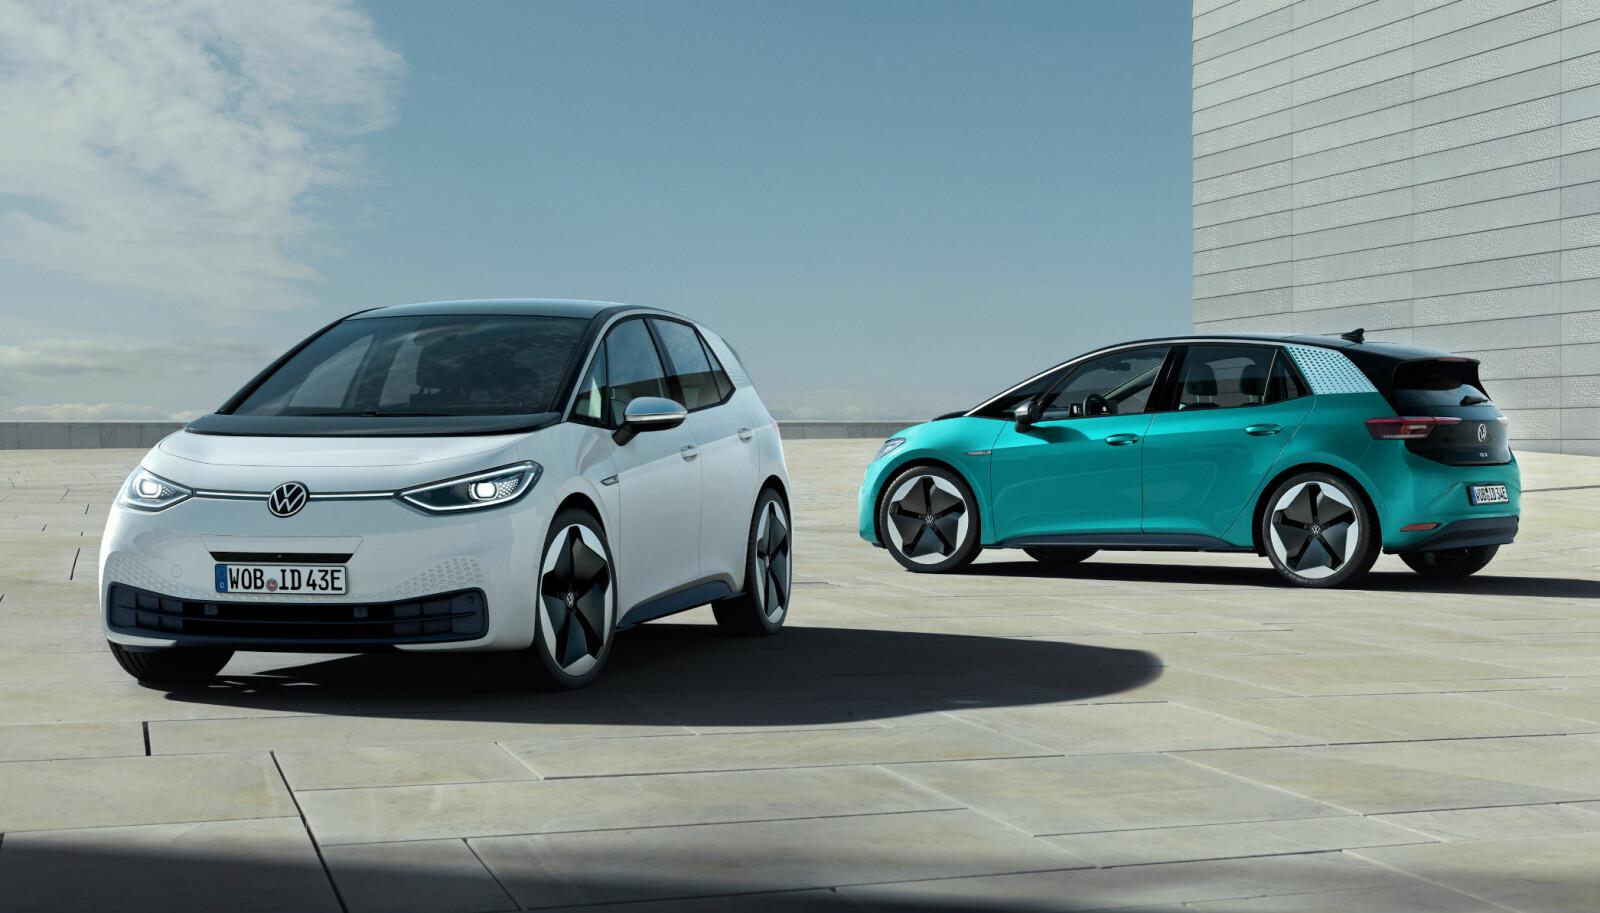 VERSJONER: Innstegsmodellen skal ha en rekkevidde på 330 kilometer med 45 kWh-batteri. Den vil koste under 30 000 euro. Deretter kommer versjonen med 58 kWh-batteri og en rekkevidde på 420 km. Toppmodellen skal ha er 77 kWh-batteri med en rekkevidde på 550 km. Du skal kunne hurtiglade ID.3 til en rekkevidde på 290 km på 30 minutter med 100 kW-lading.